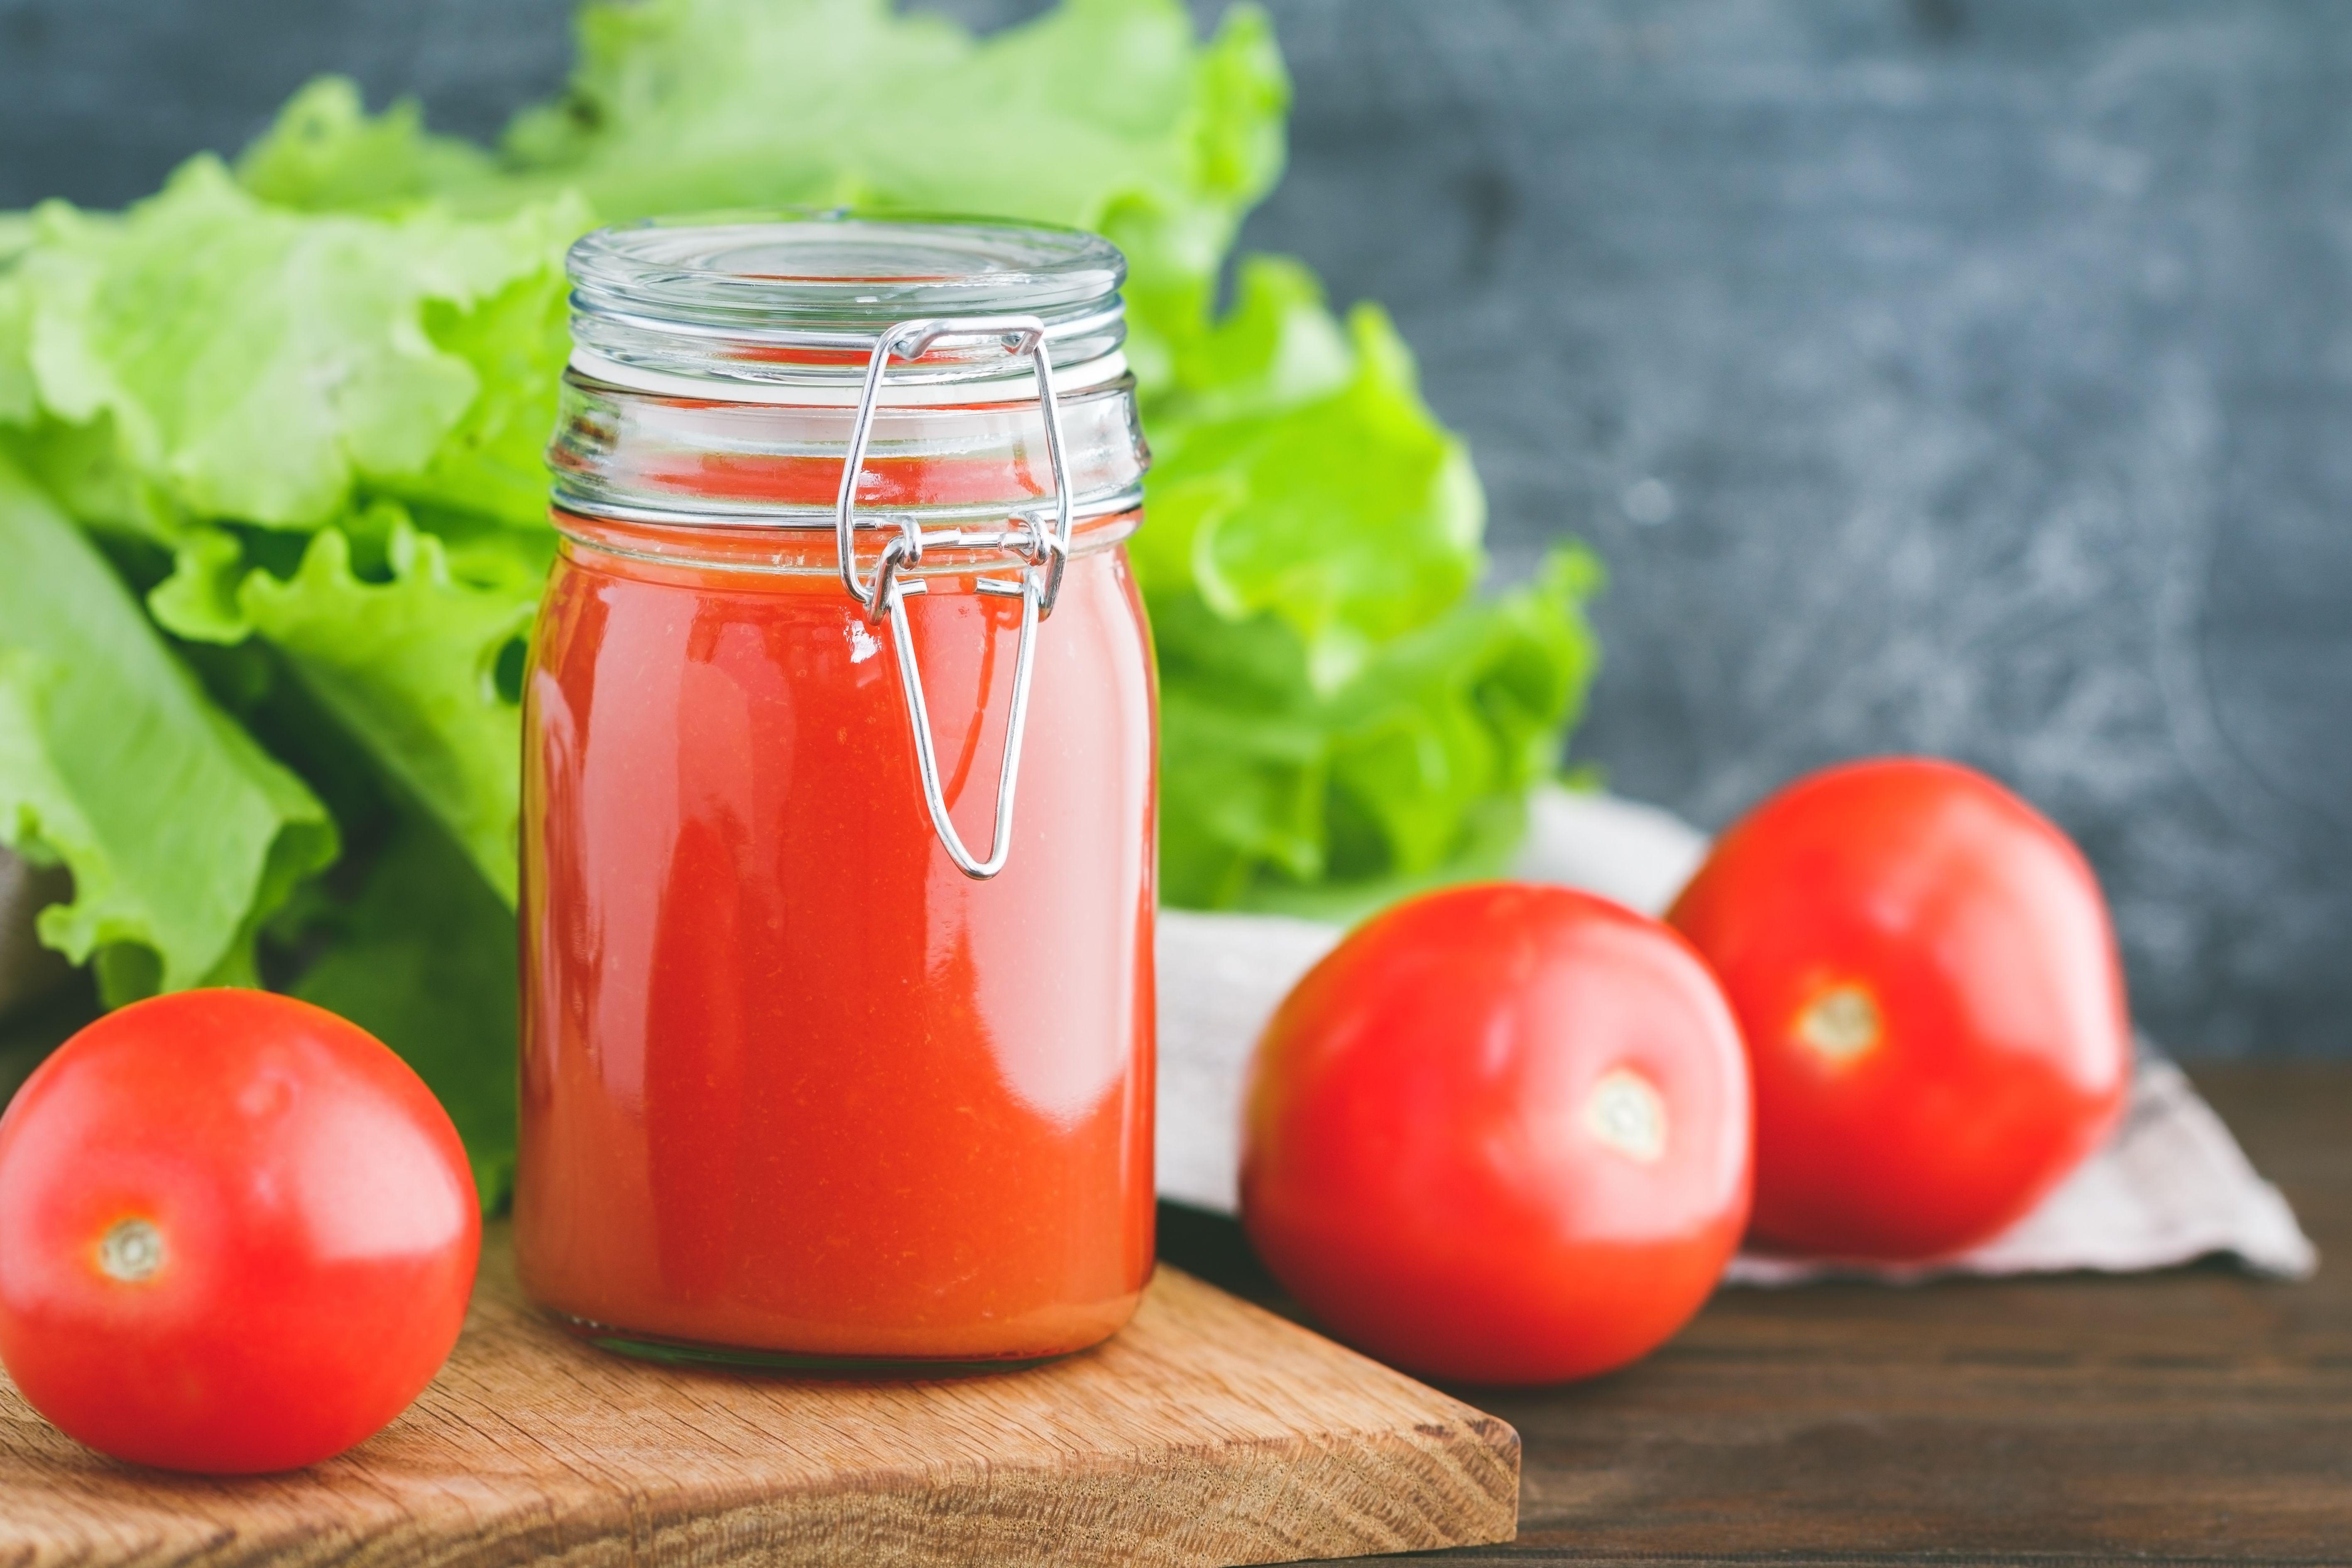 Tomato puree recipe in a jar